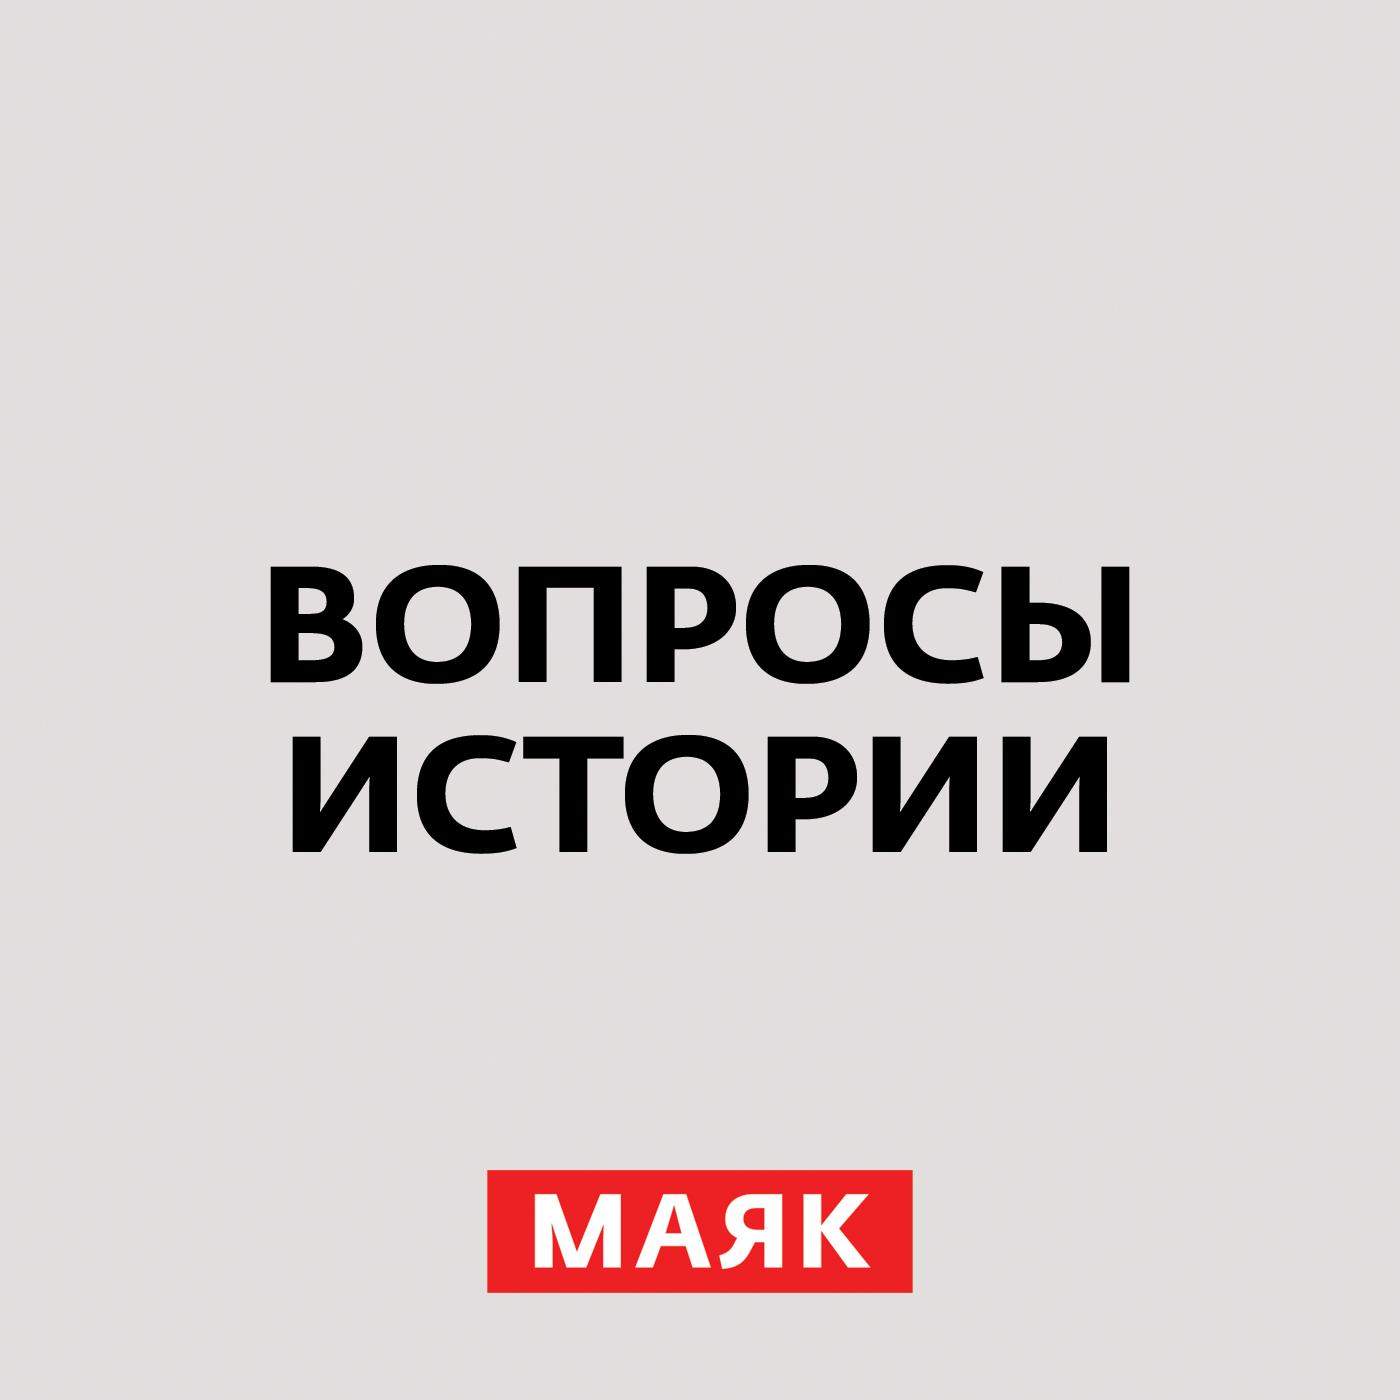 Андрей Светенко Ленд-лиз: а почему нам вообще начали помогать? андрей светенко ленд лиз в годы вов мифы и реальность